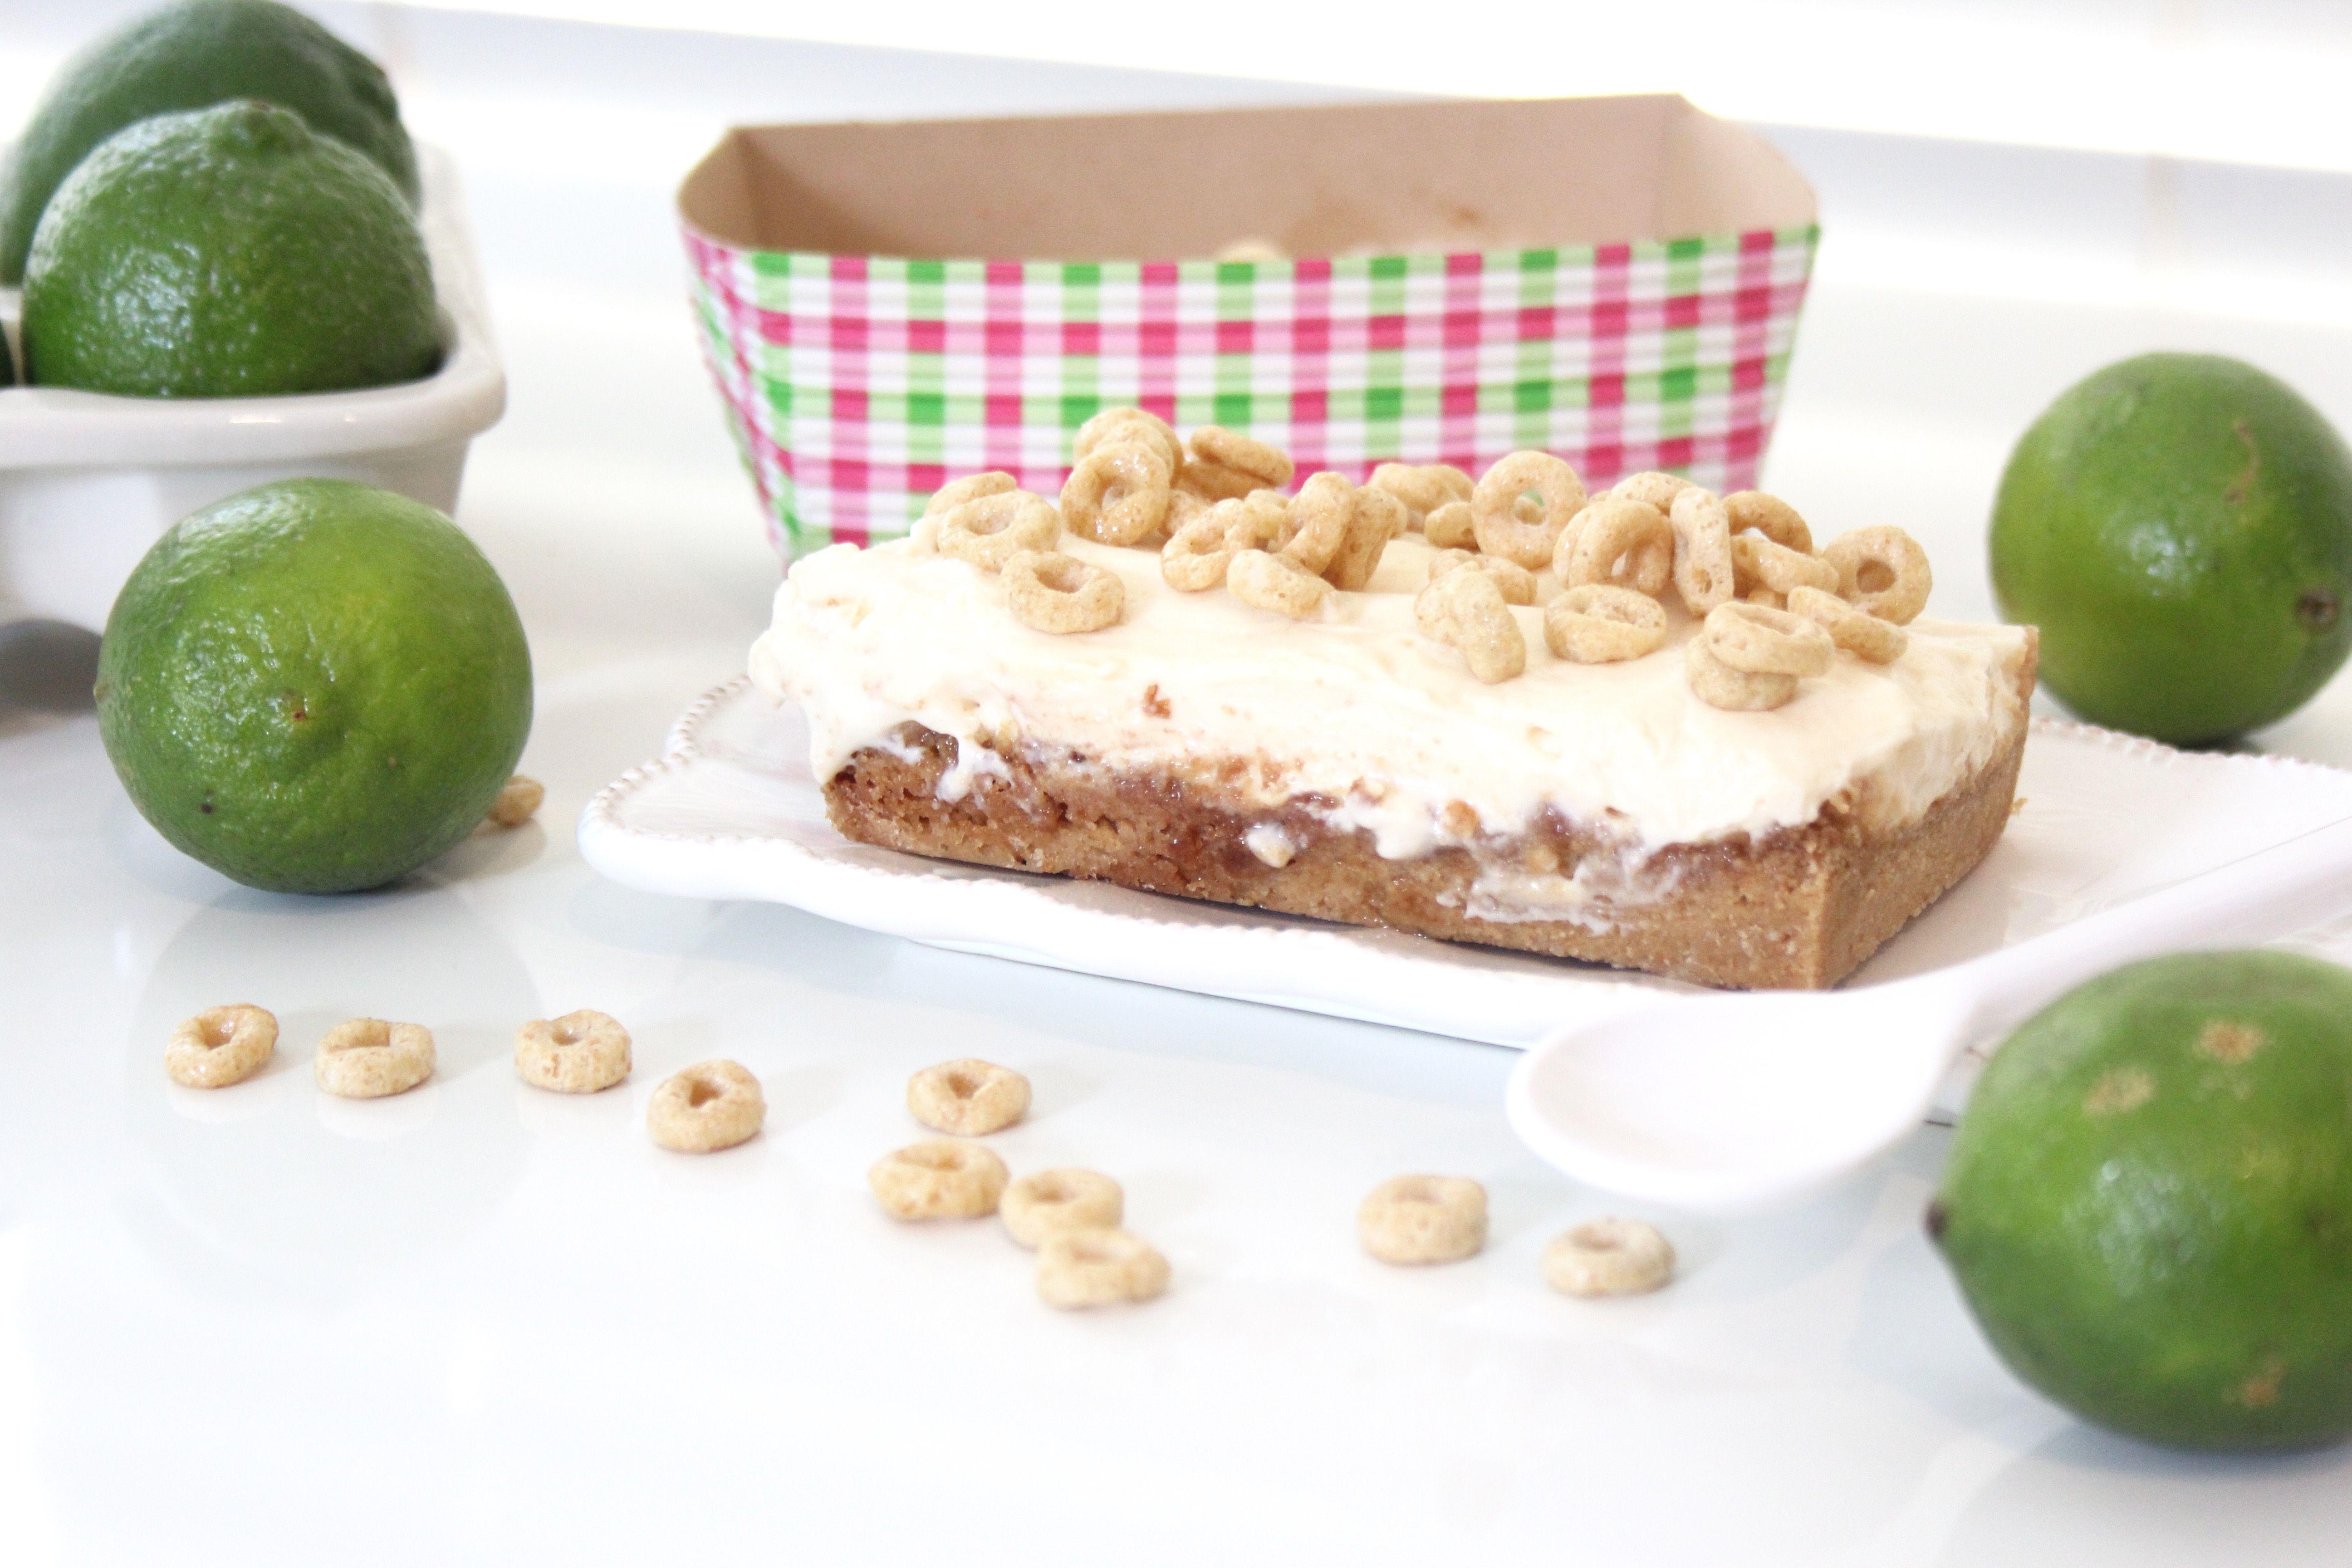 Rica receta de Pie de Limon con base de Honey Nut Cheerios  #honeynutcheerios #nuestrocereal @walmart